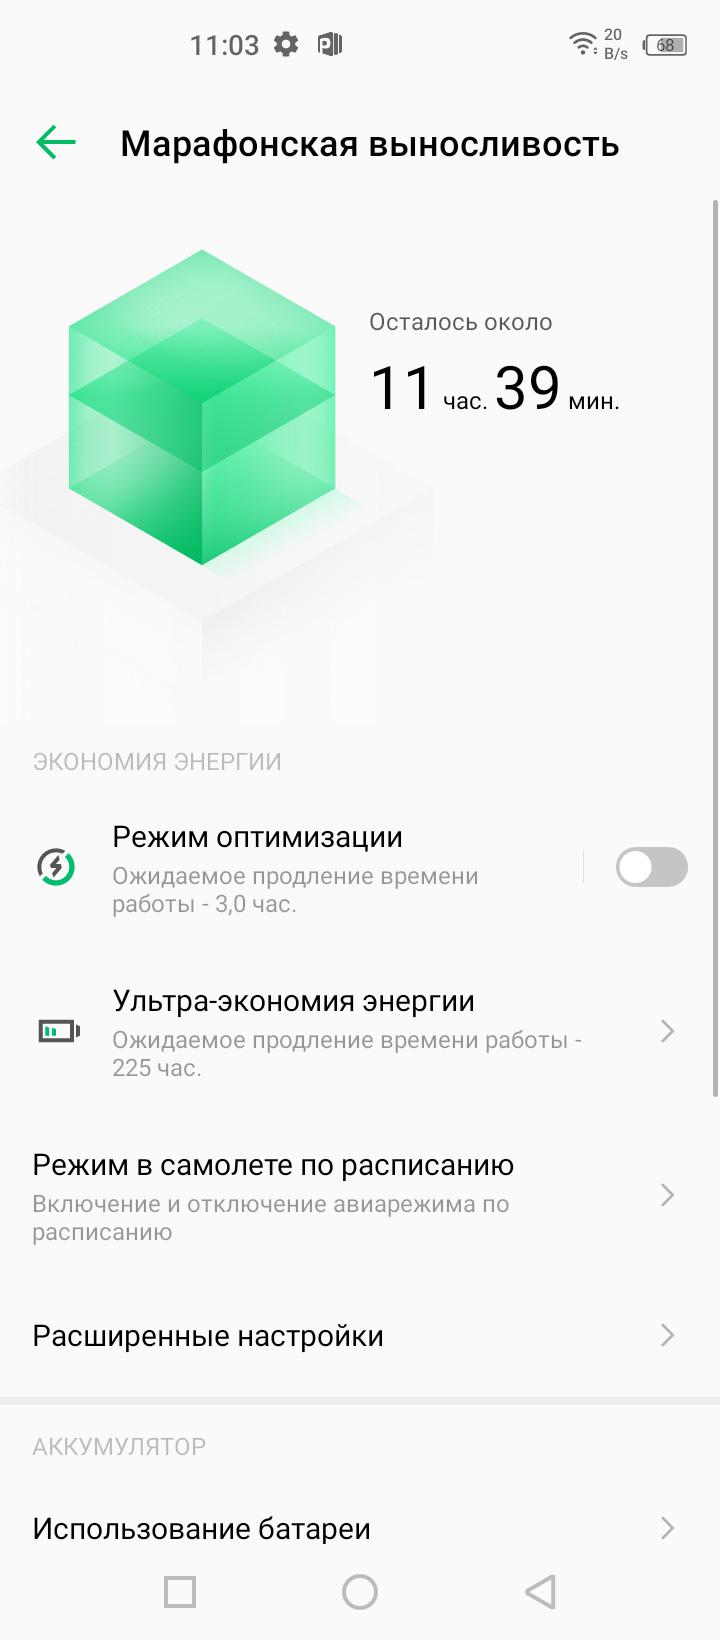 Обзор смартфона Infinix Note 8: баланс работы и развлечений